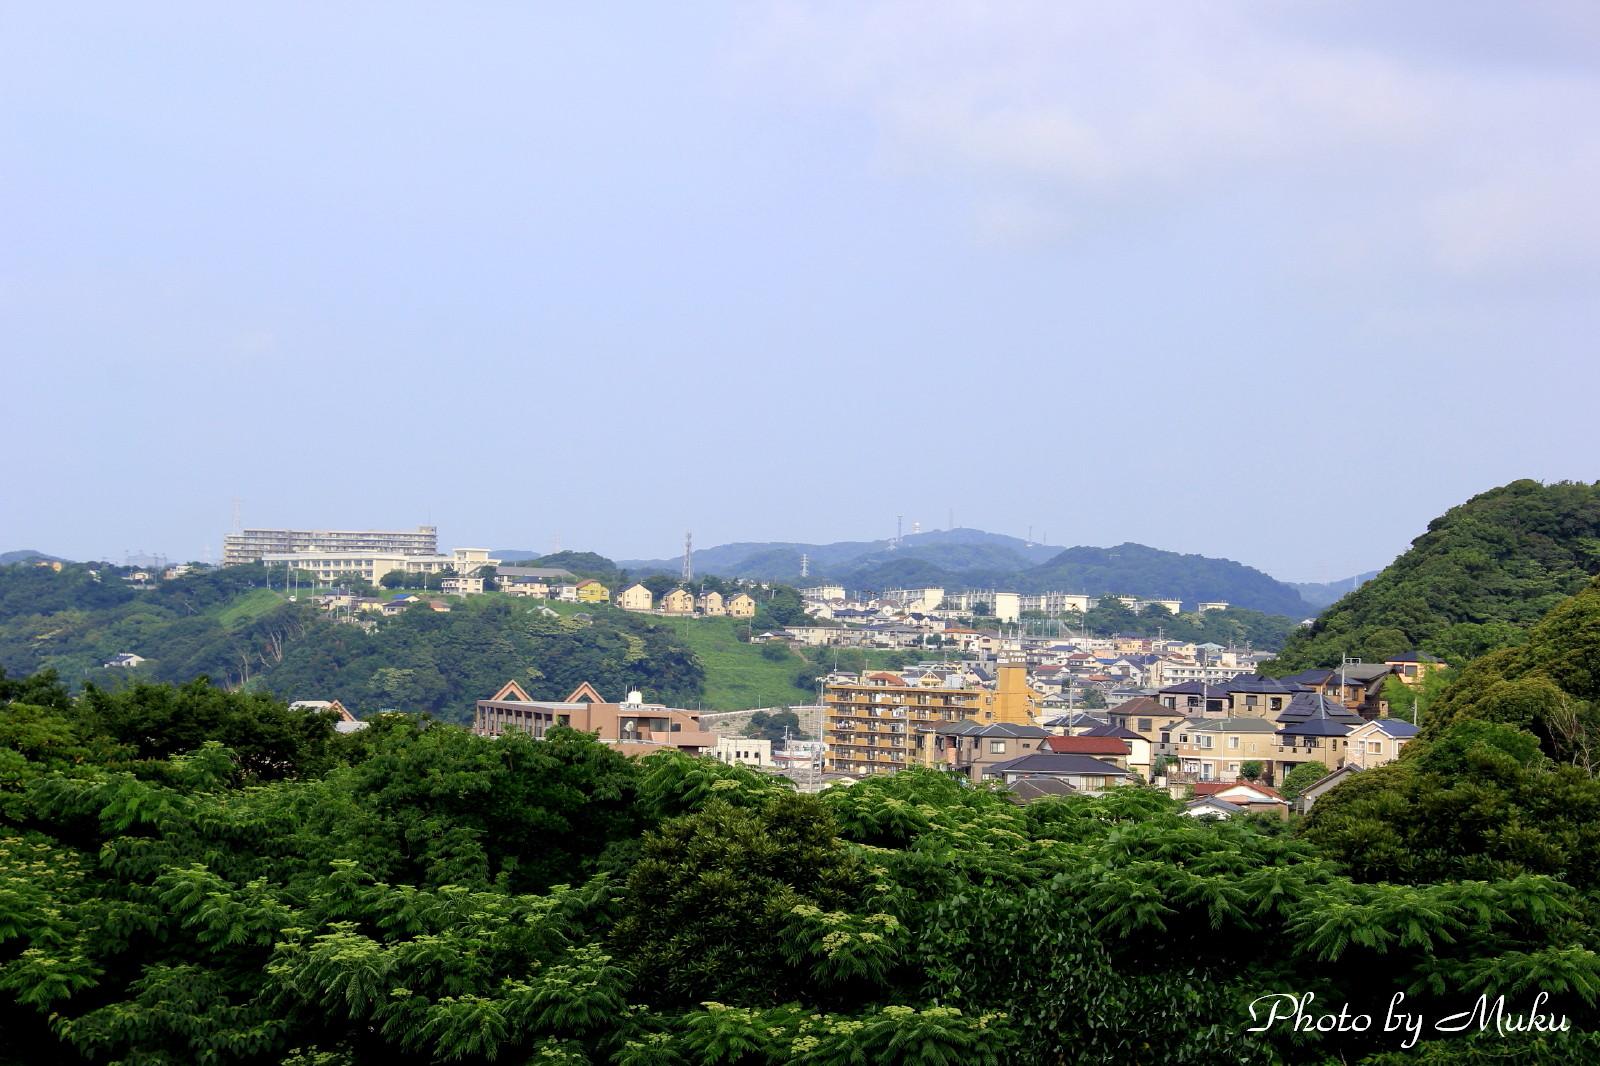 20132014/07/21 湘南山手(散歩道;神奈川県横須賀市)